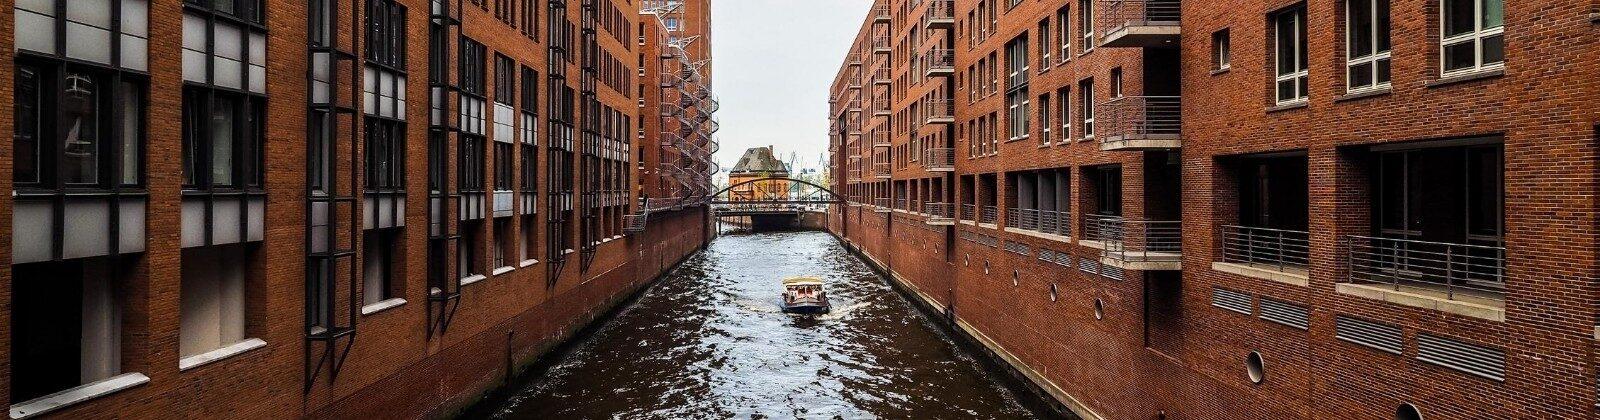 brick building hamburg europe